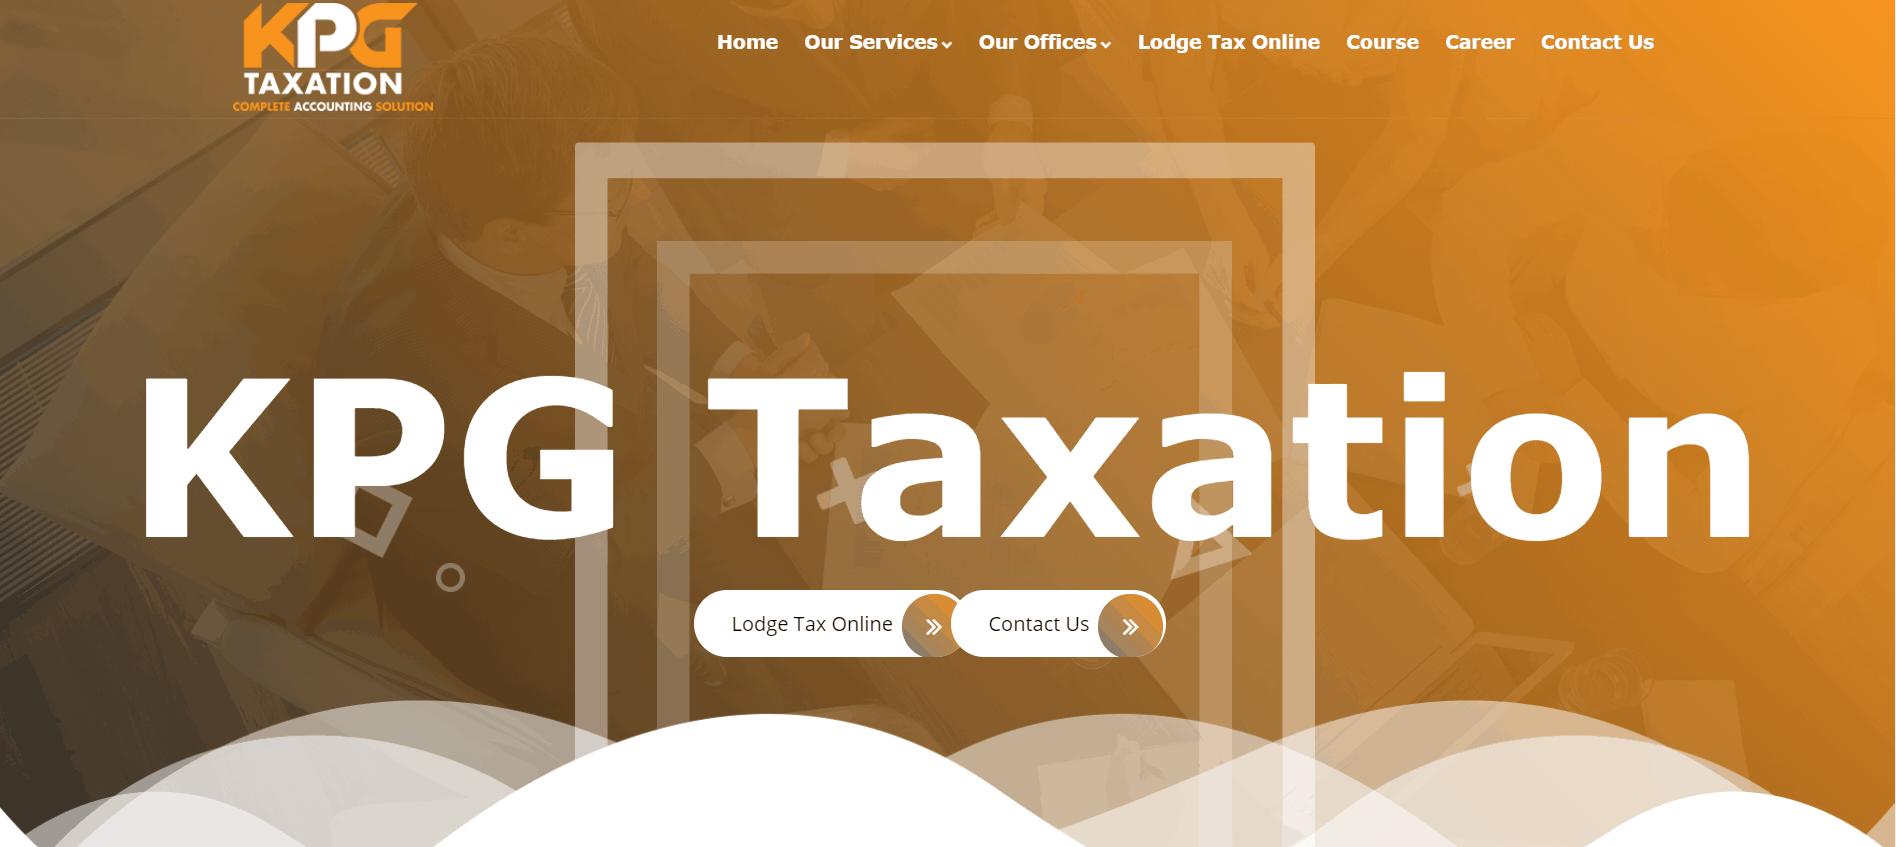 Kpg Taxation